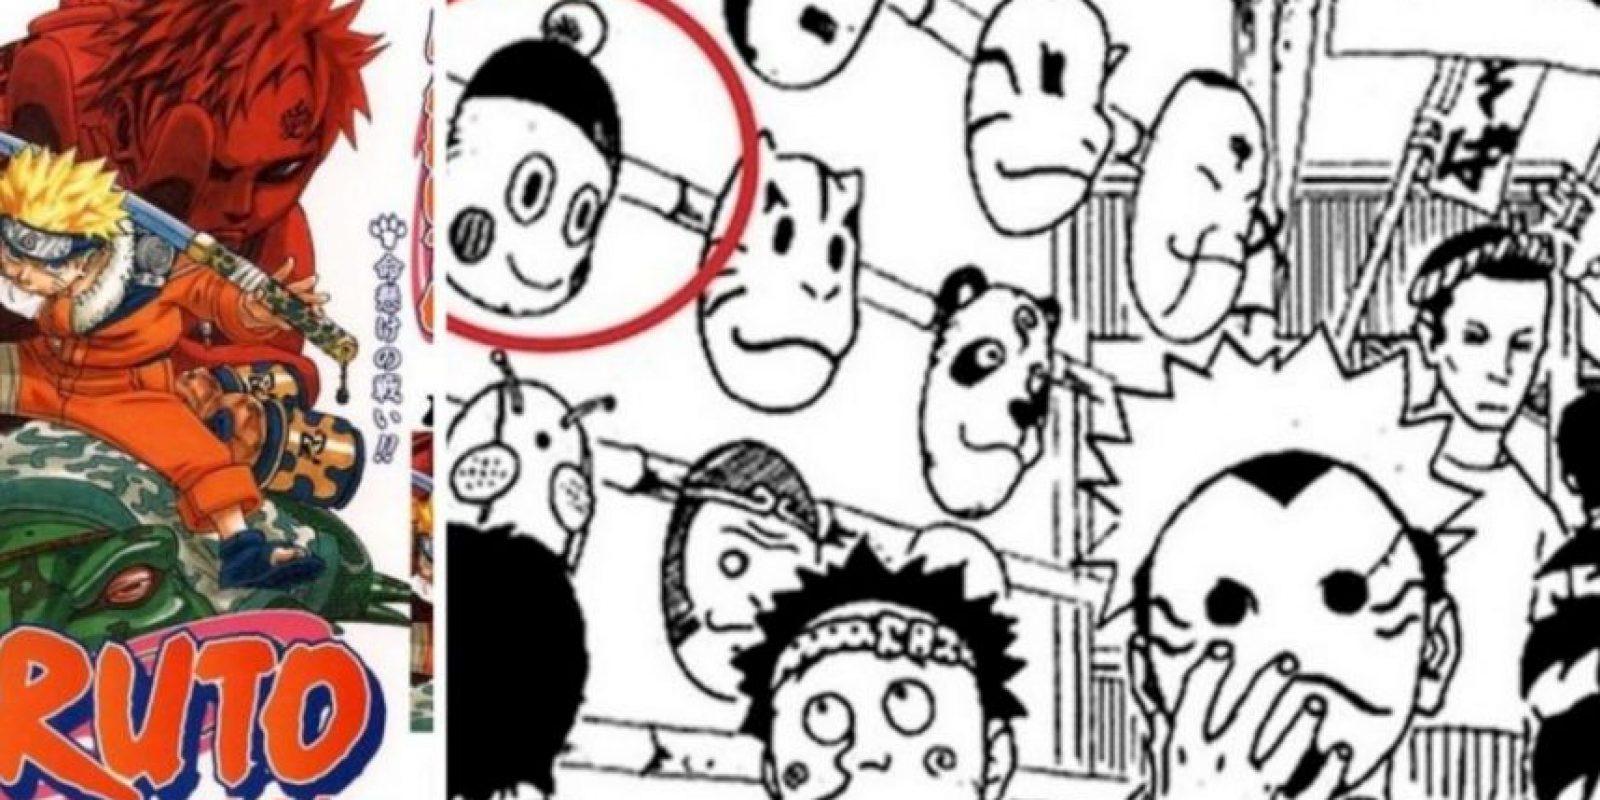 La cara de Chaos aparece en una tira de Naruto. Foto:Toei